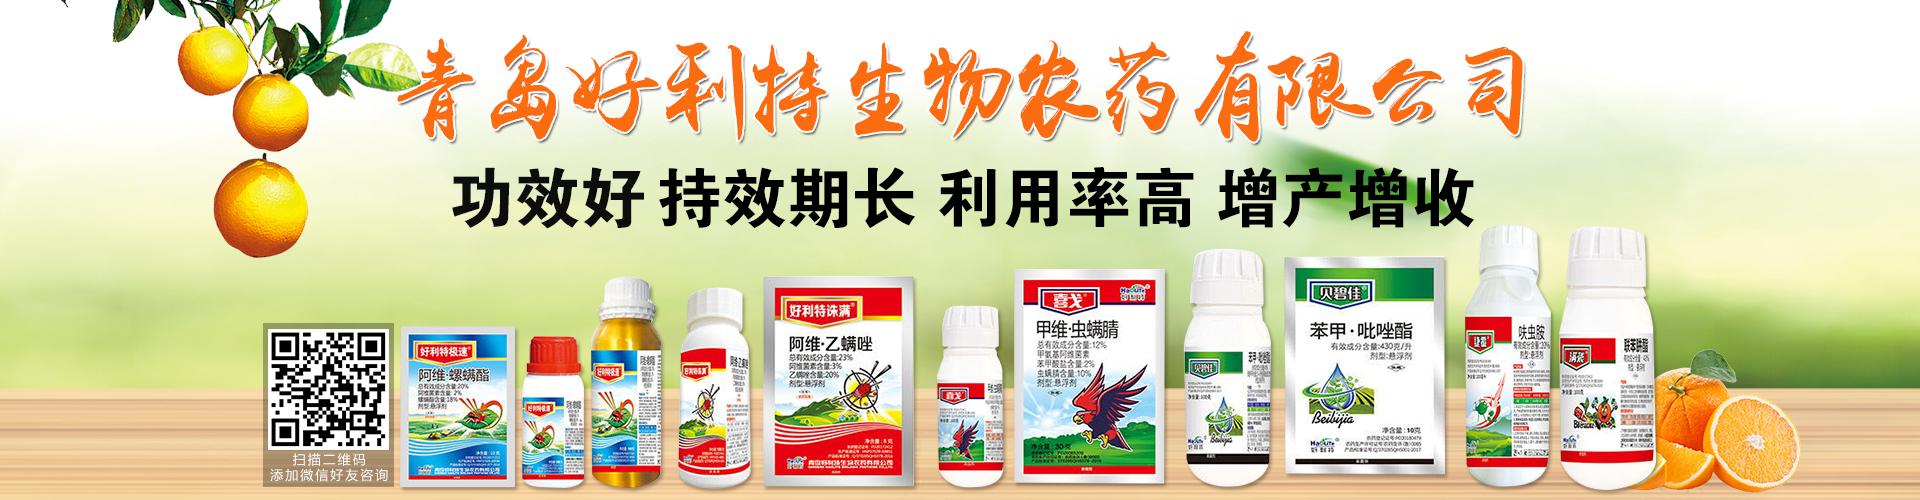 青岛好利特生物农药有限公司